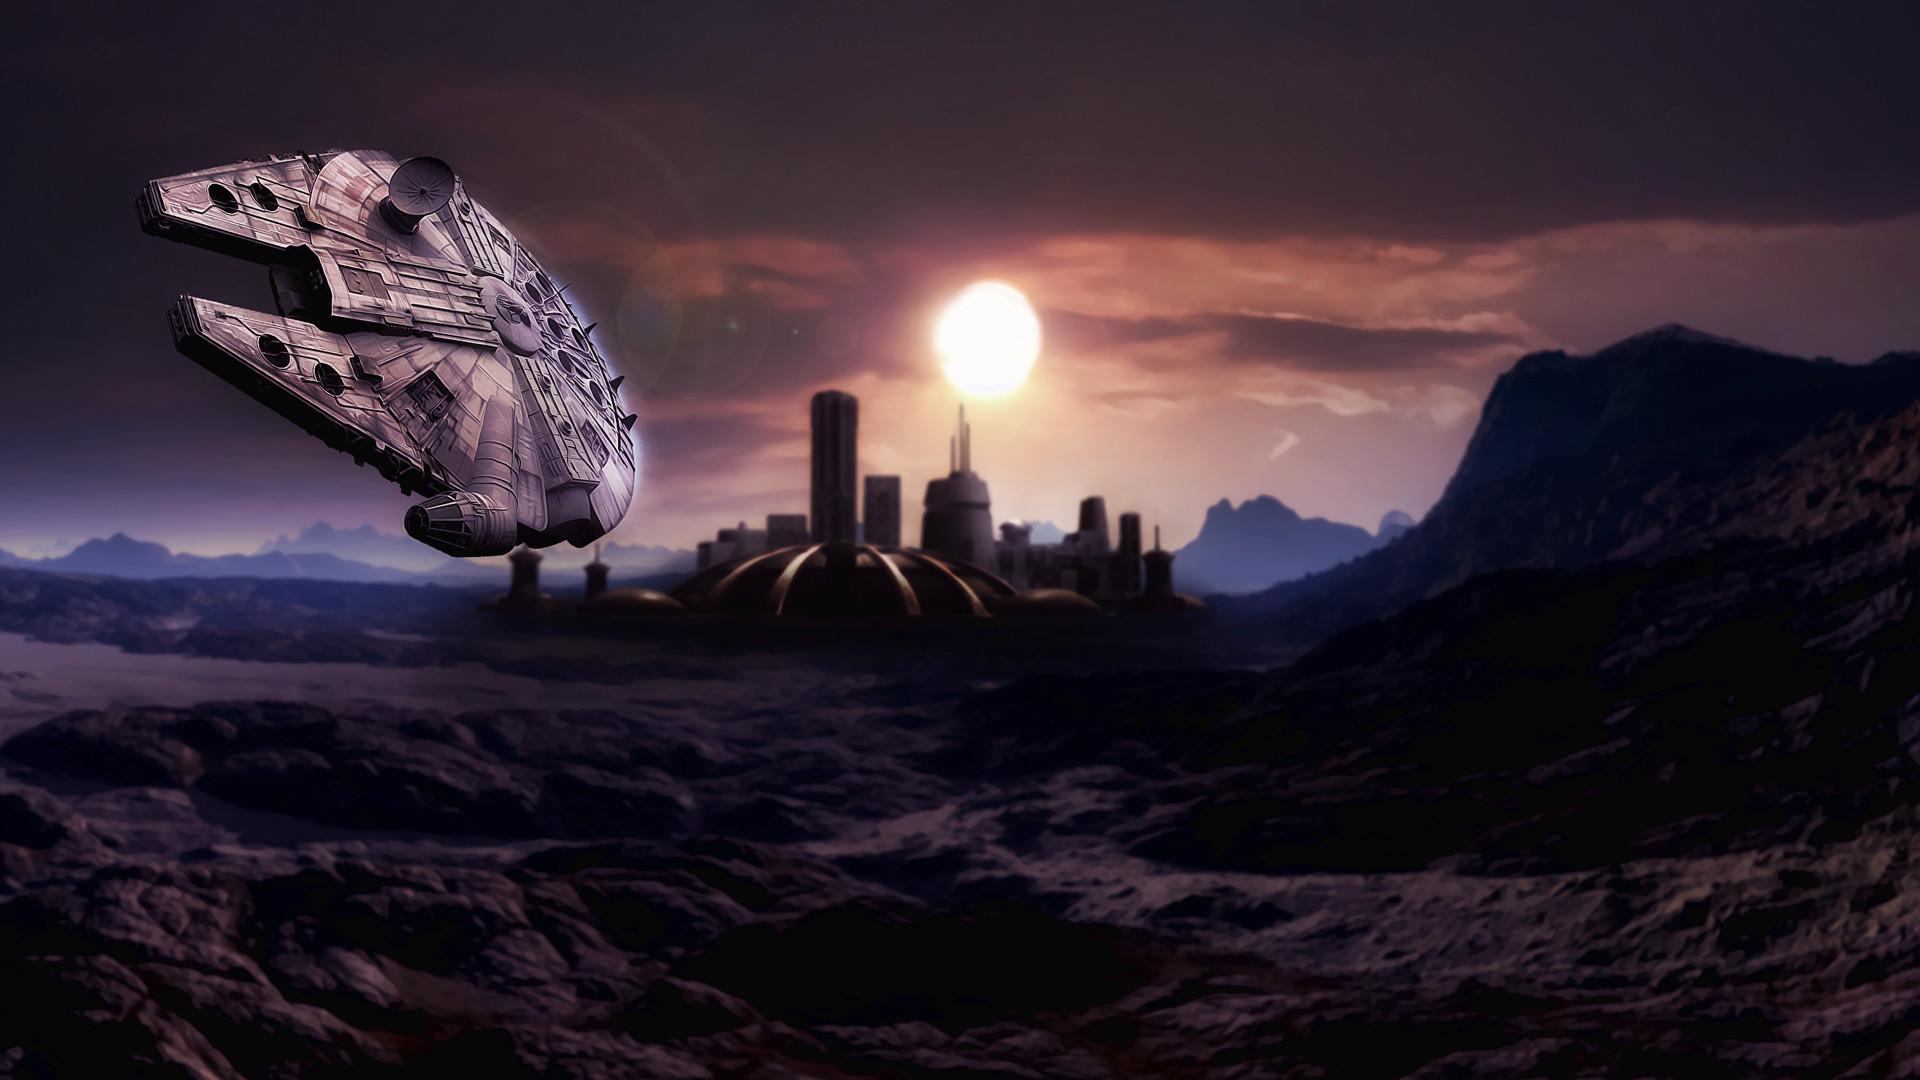 sci-fi spaceship spacecraft star-wars wars cities planets Millennium .